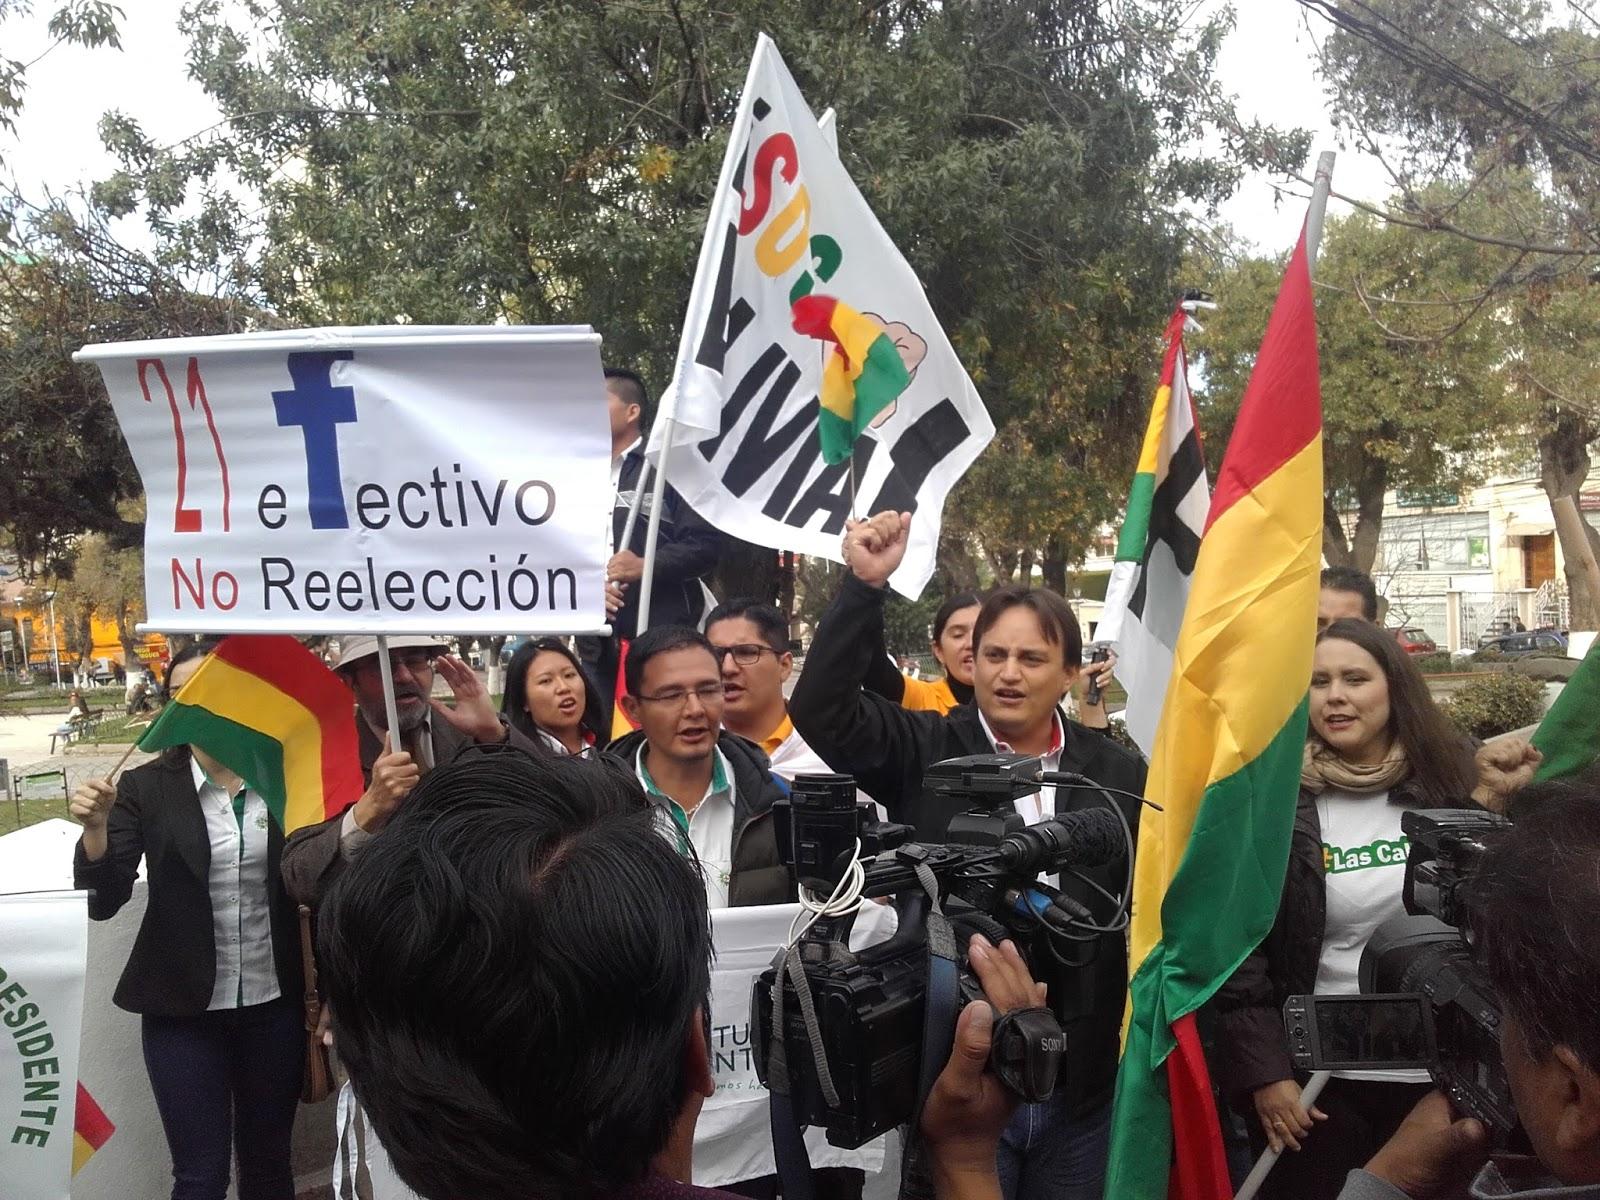 Las plataformas ciudadanas, nuevo agente político en el escenario boliviano / VISOR BOLIVIA